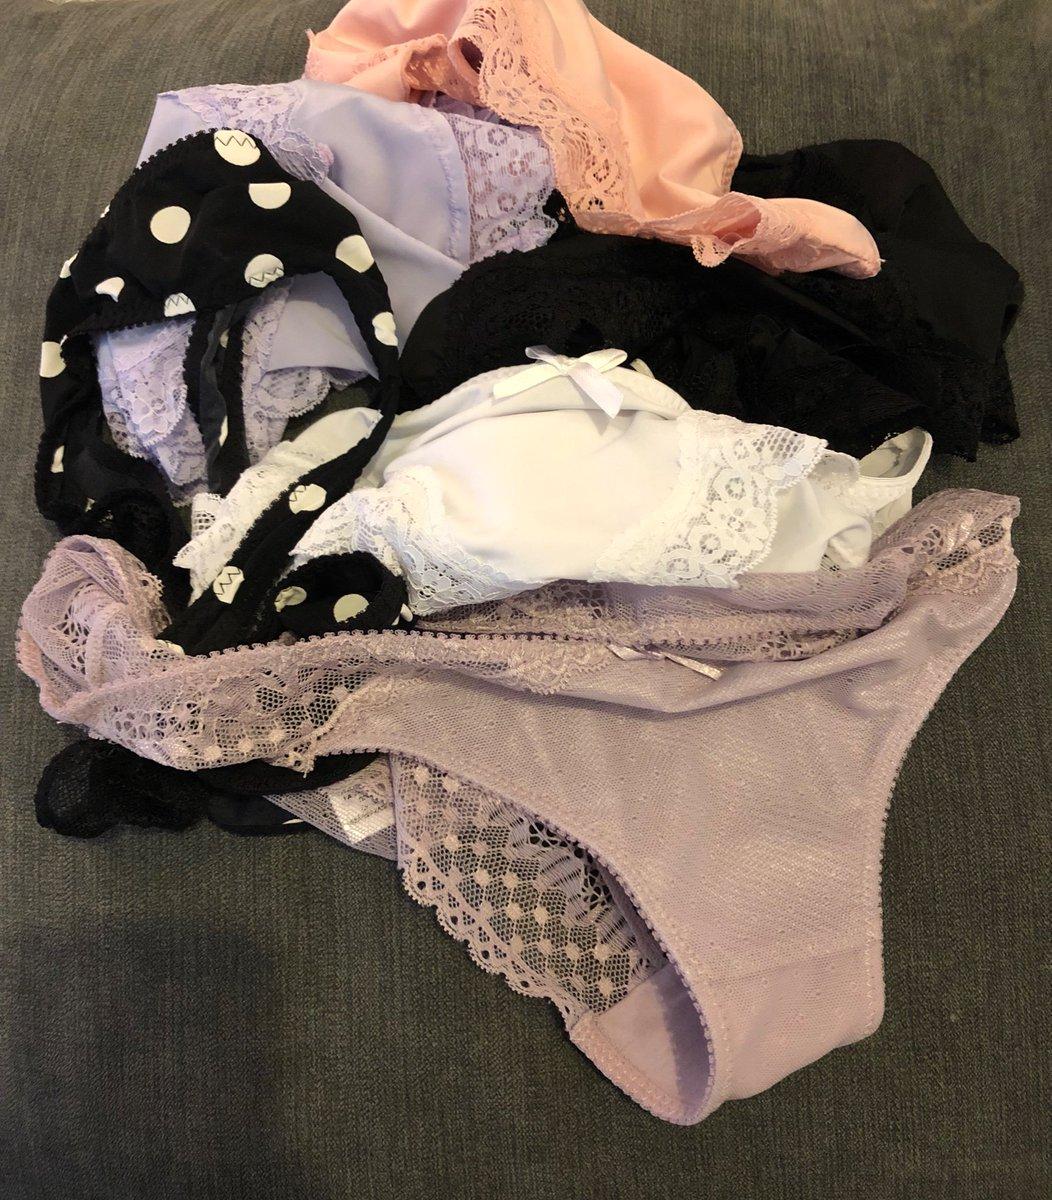 Sell used undies